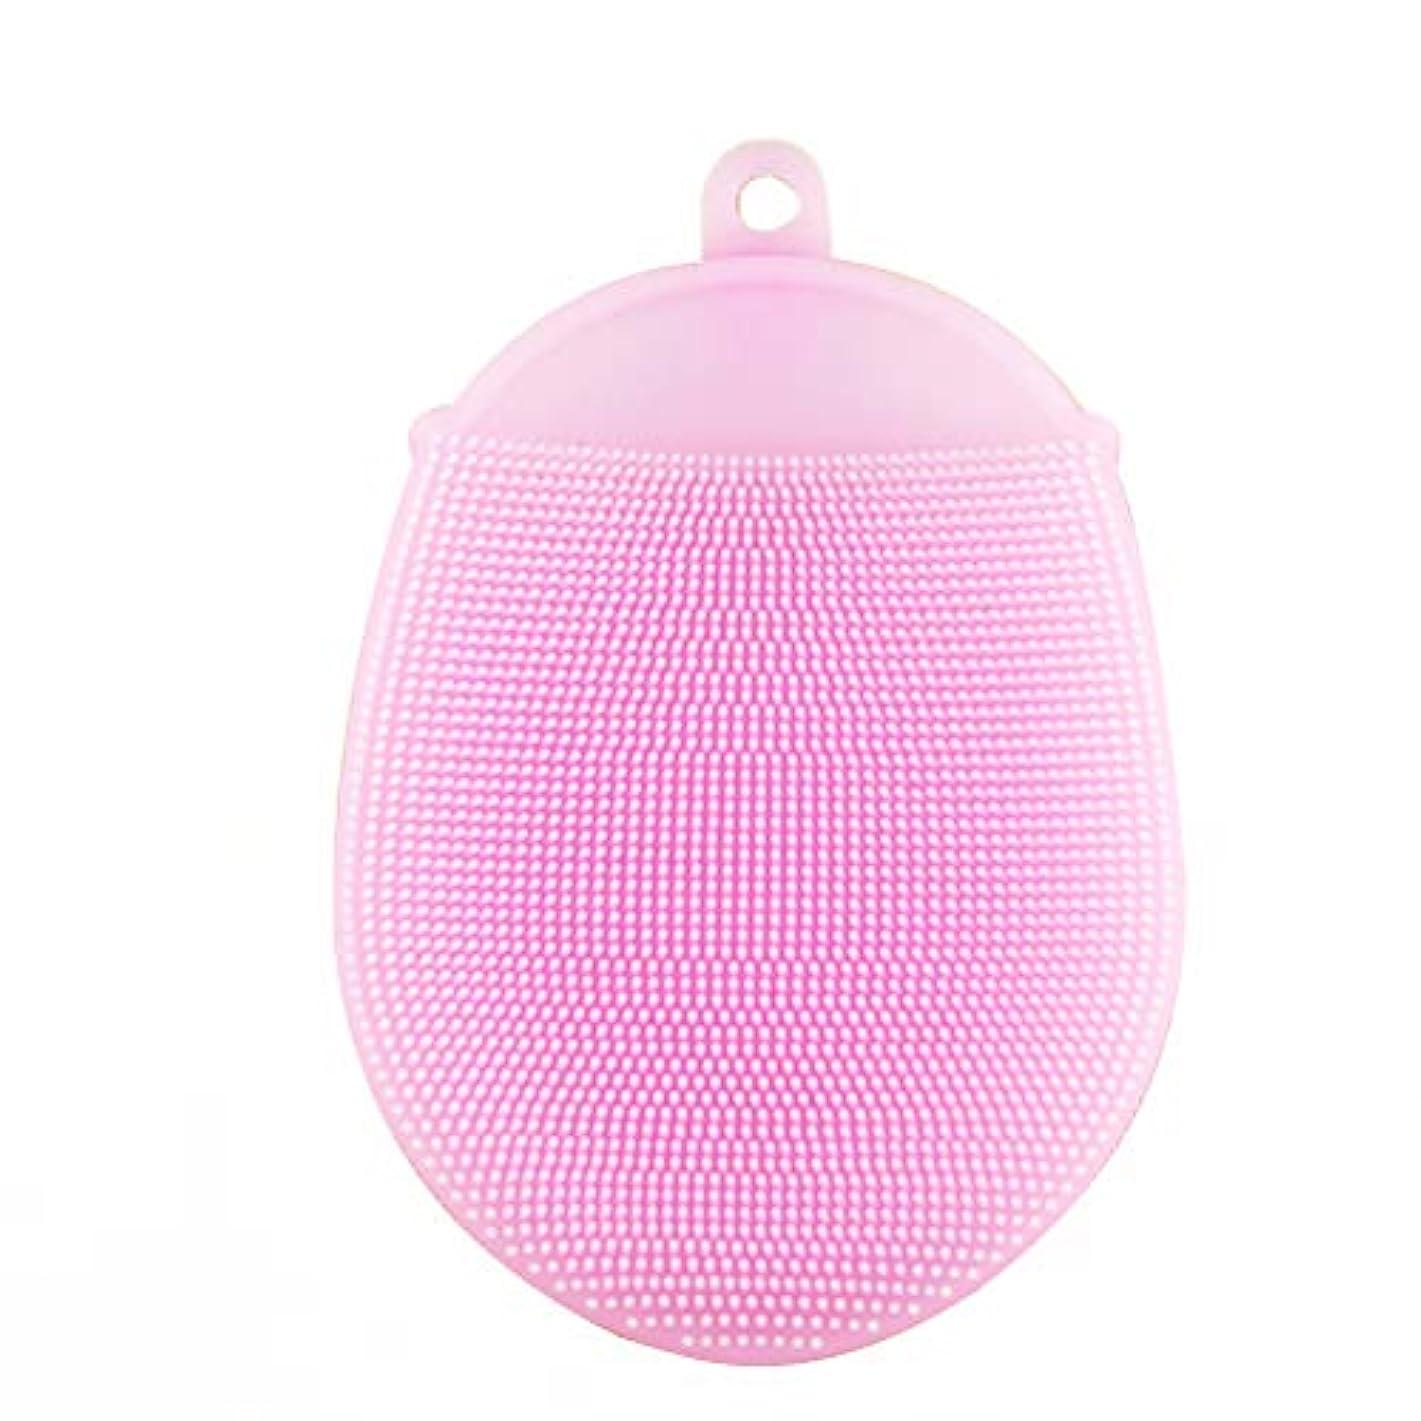 解明する超音速メンターHealifty ボディブラシ2本シリコン入浴ブラシ抗菌シャワースクラバー洗顔パッド(ピンク)